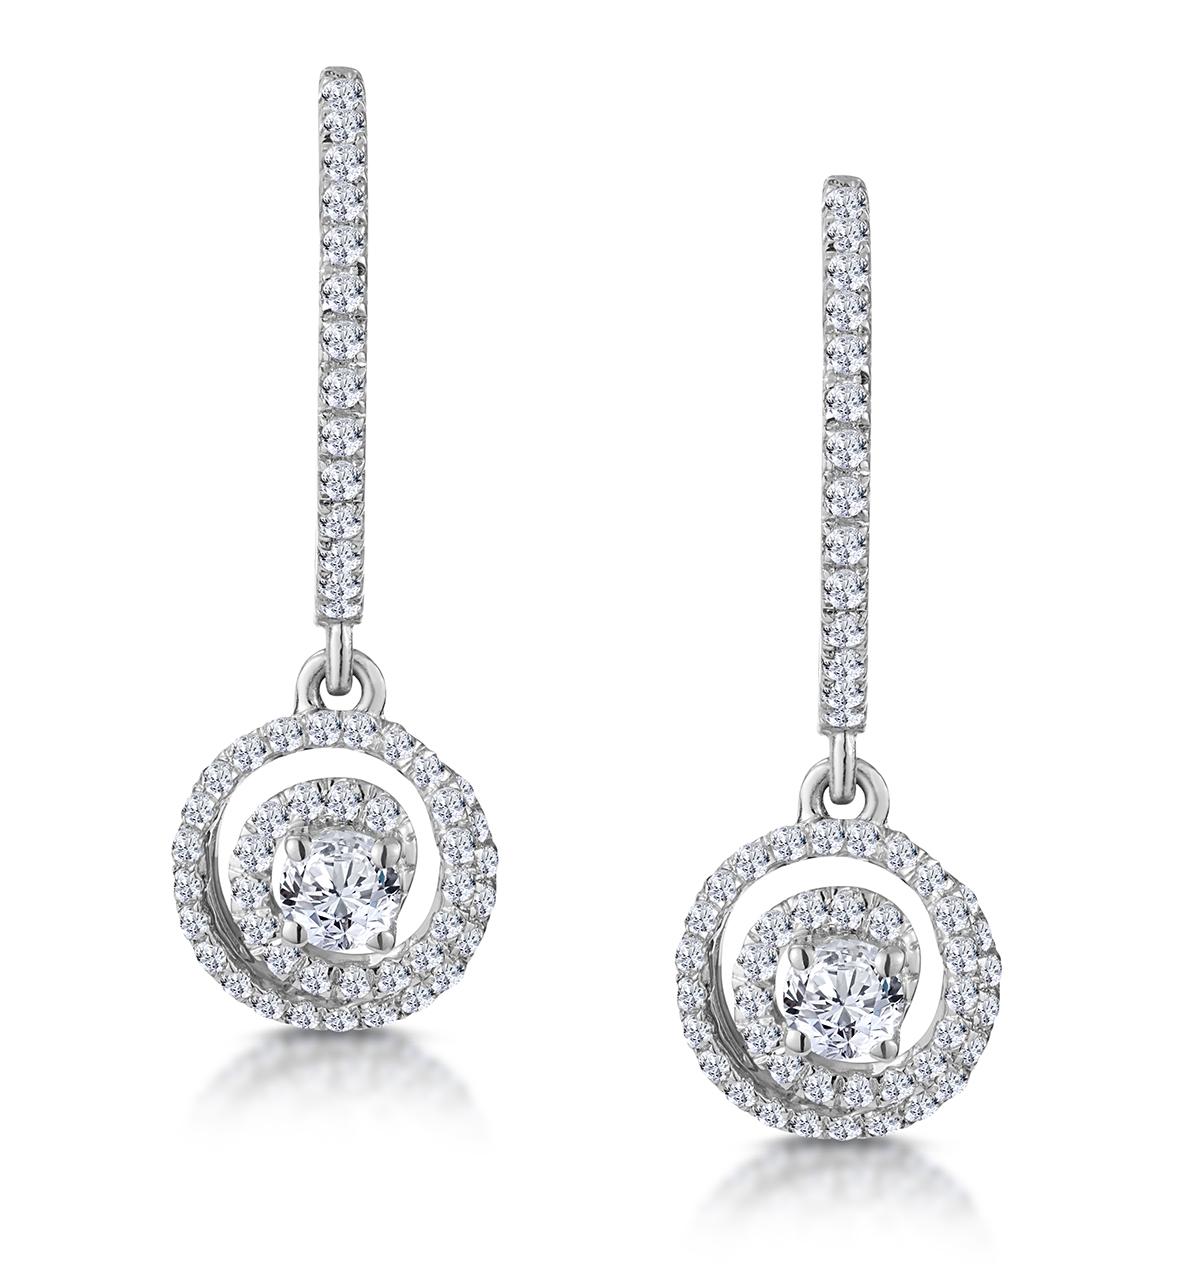 DIAMOND SWIRL DROP EARRINGS 1.15CT SET IN 18K WHITE GOLD